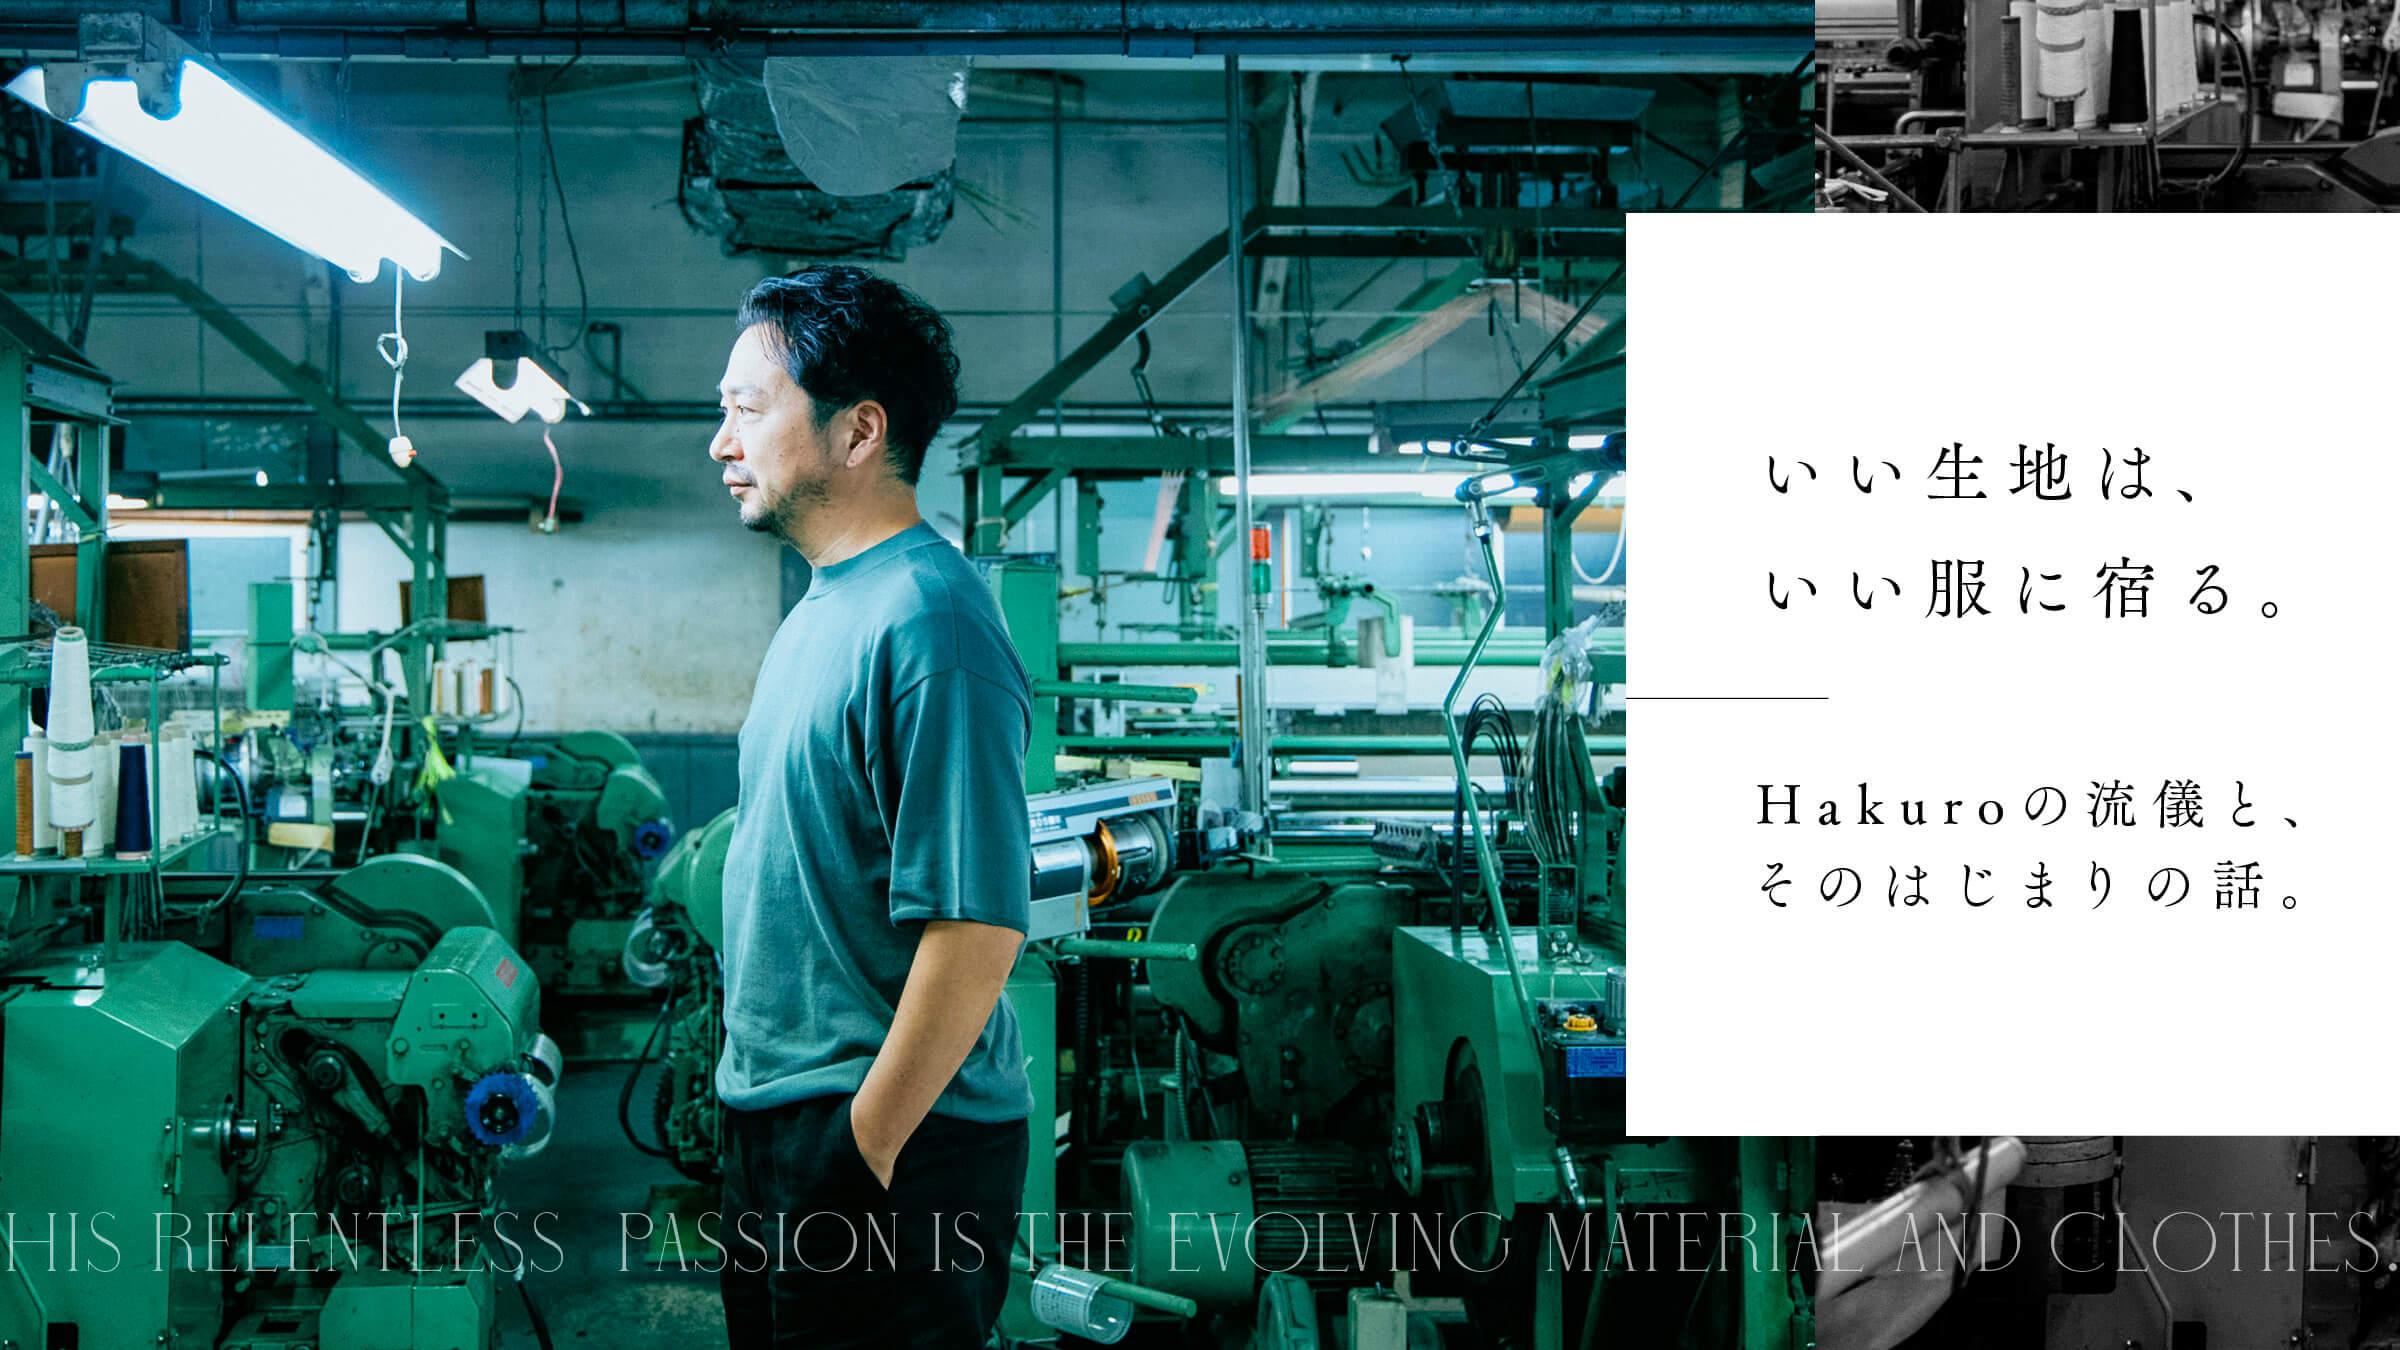 いい生地は、いい服に宿る。Hakuroの流儀と、そのはじまりの話。